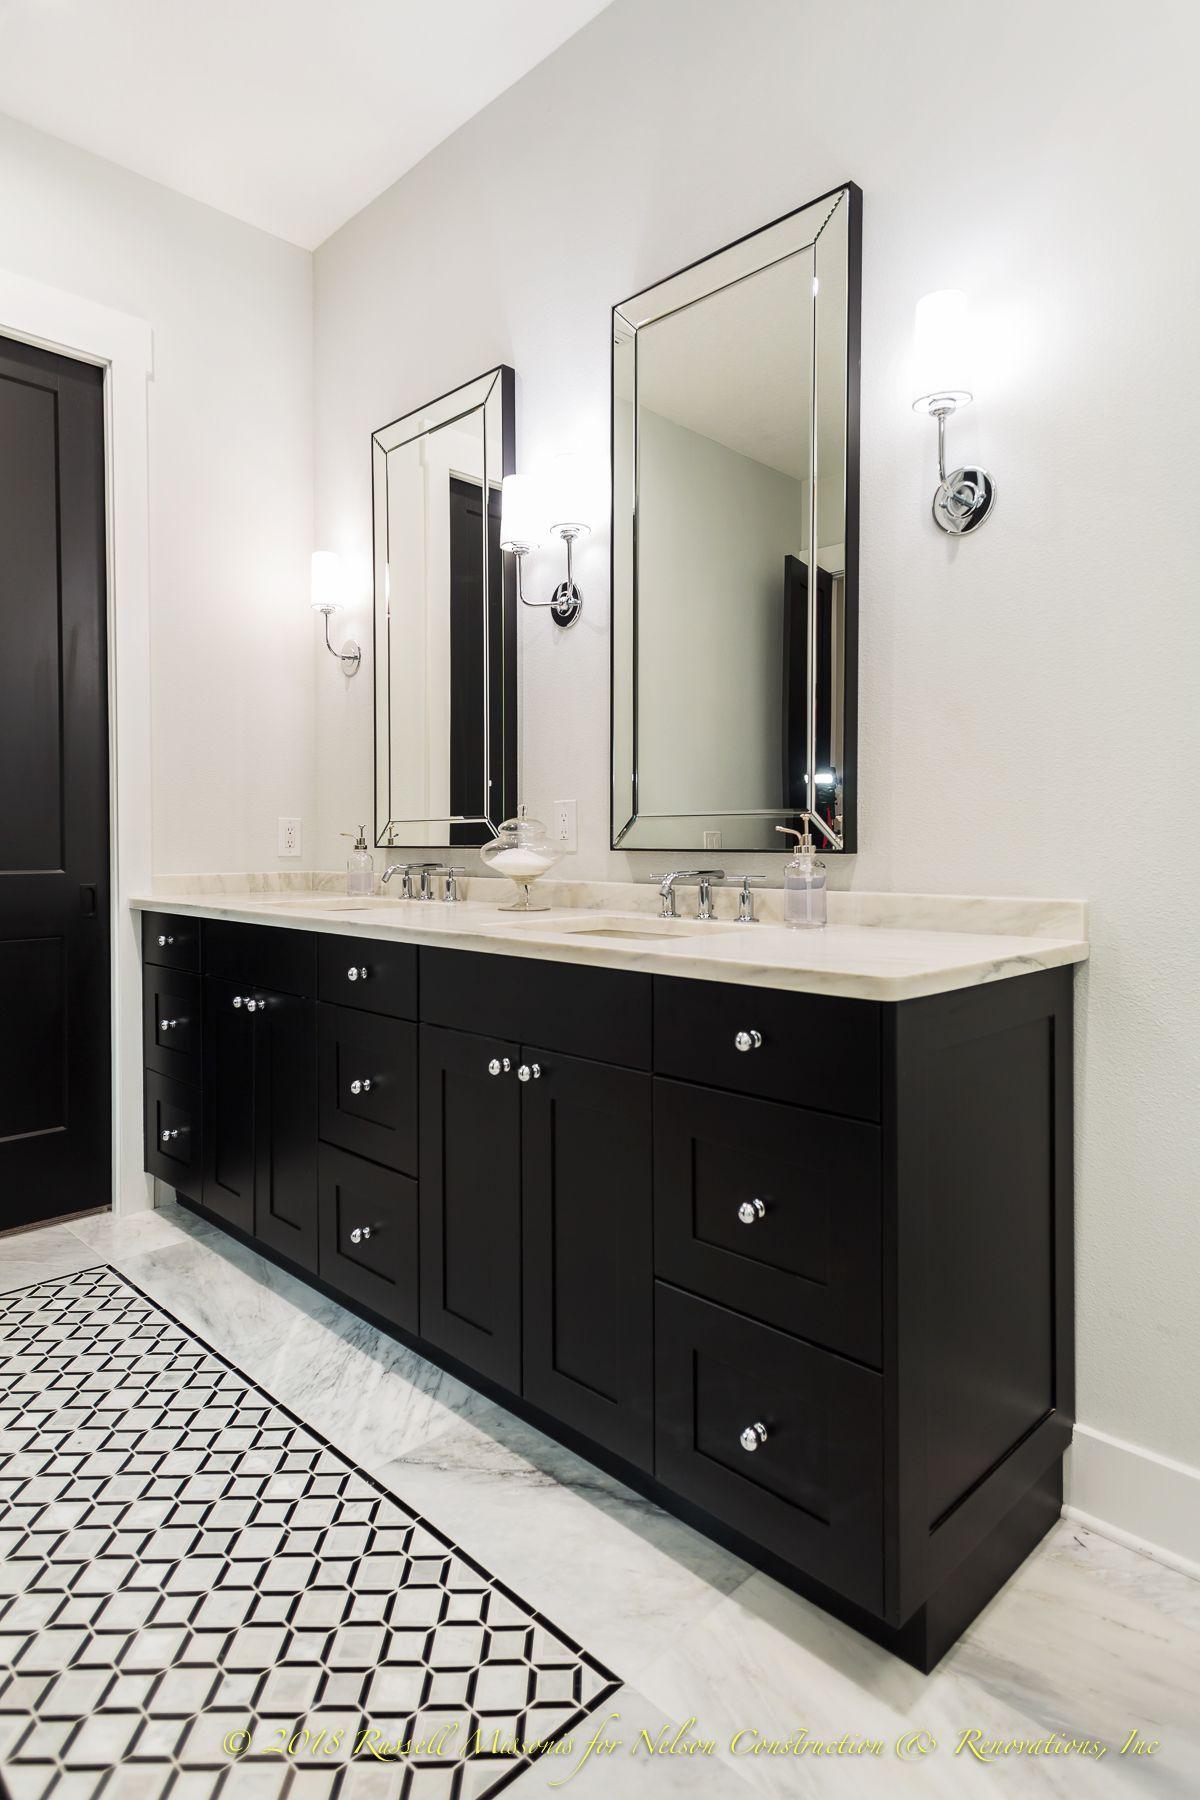 11 Amazing Secrets Of How To Build Bathroom Vanities St Petersburg